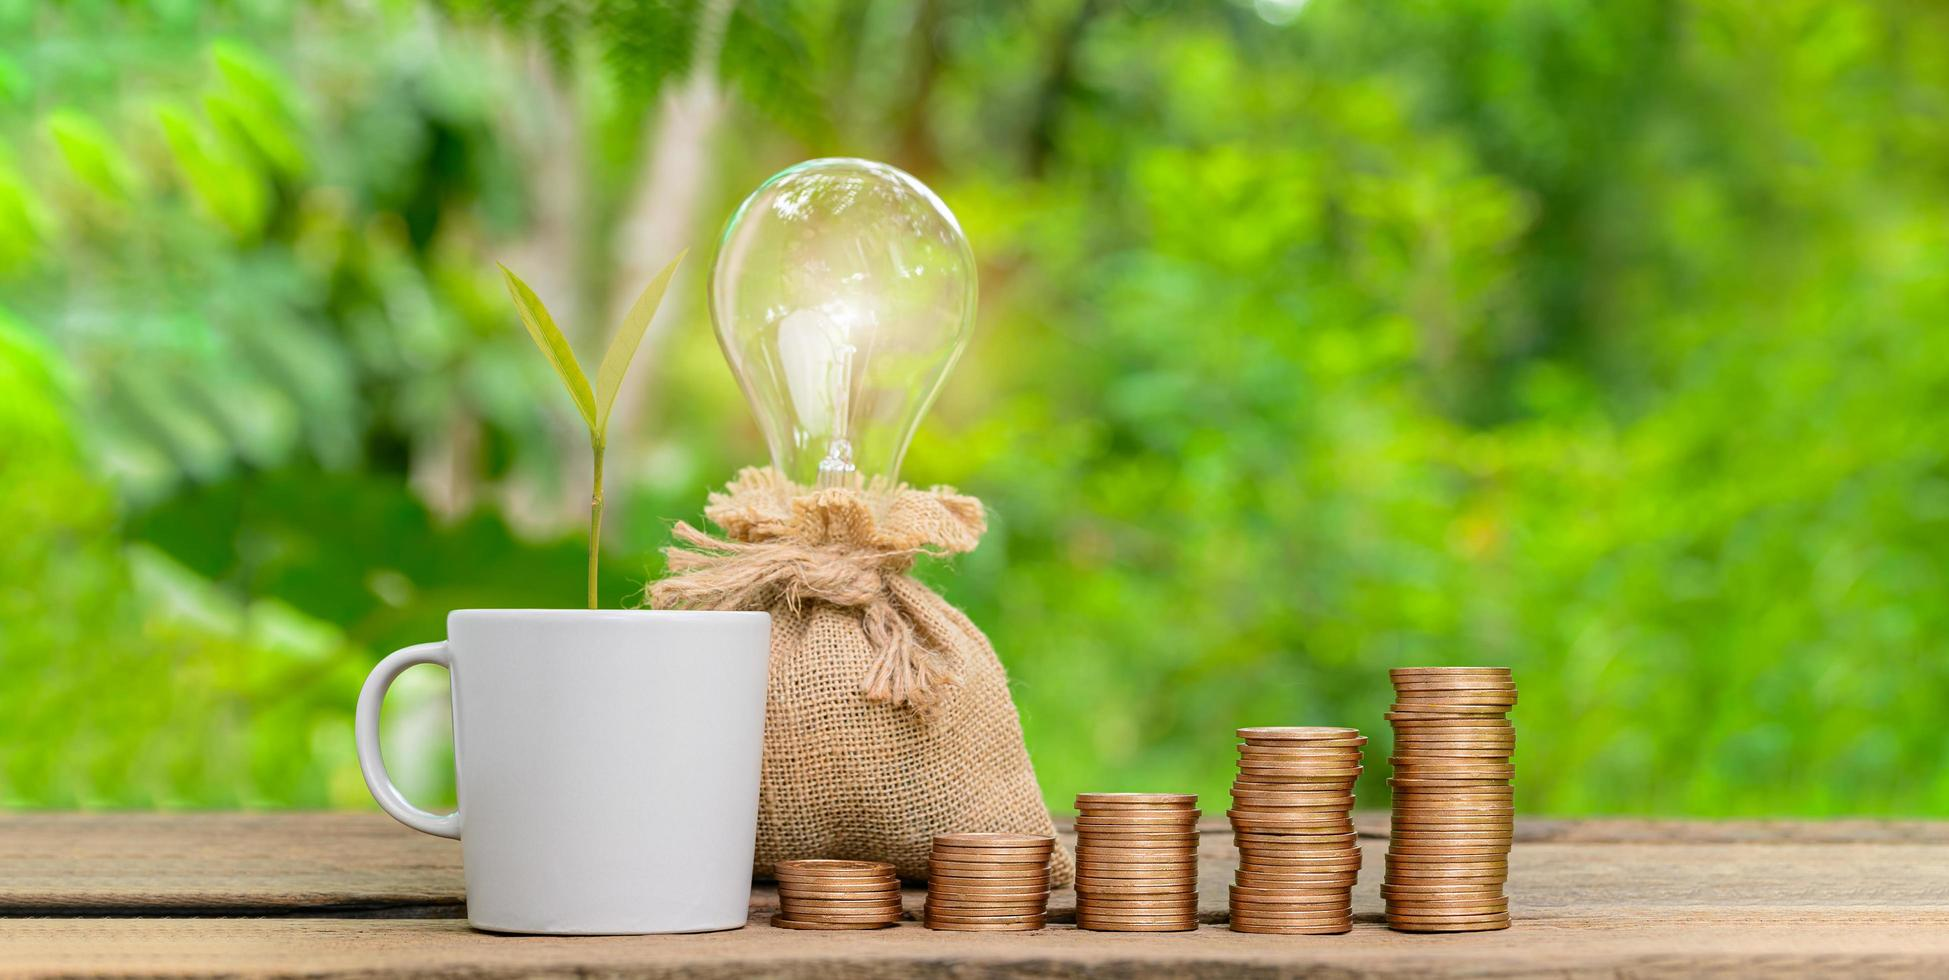 concept gestapelde munten investeren voorraad geld besparen foto